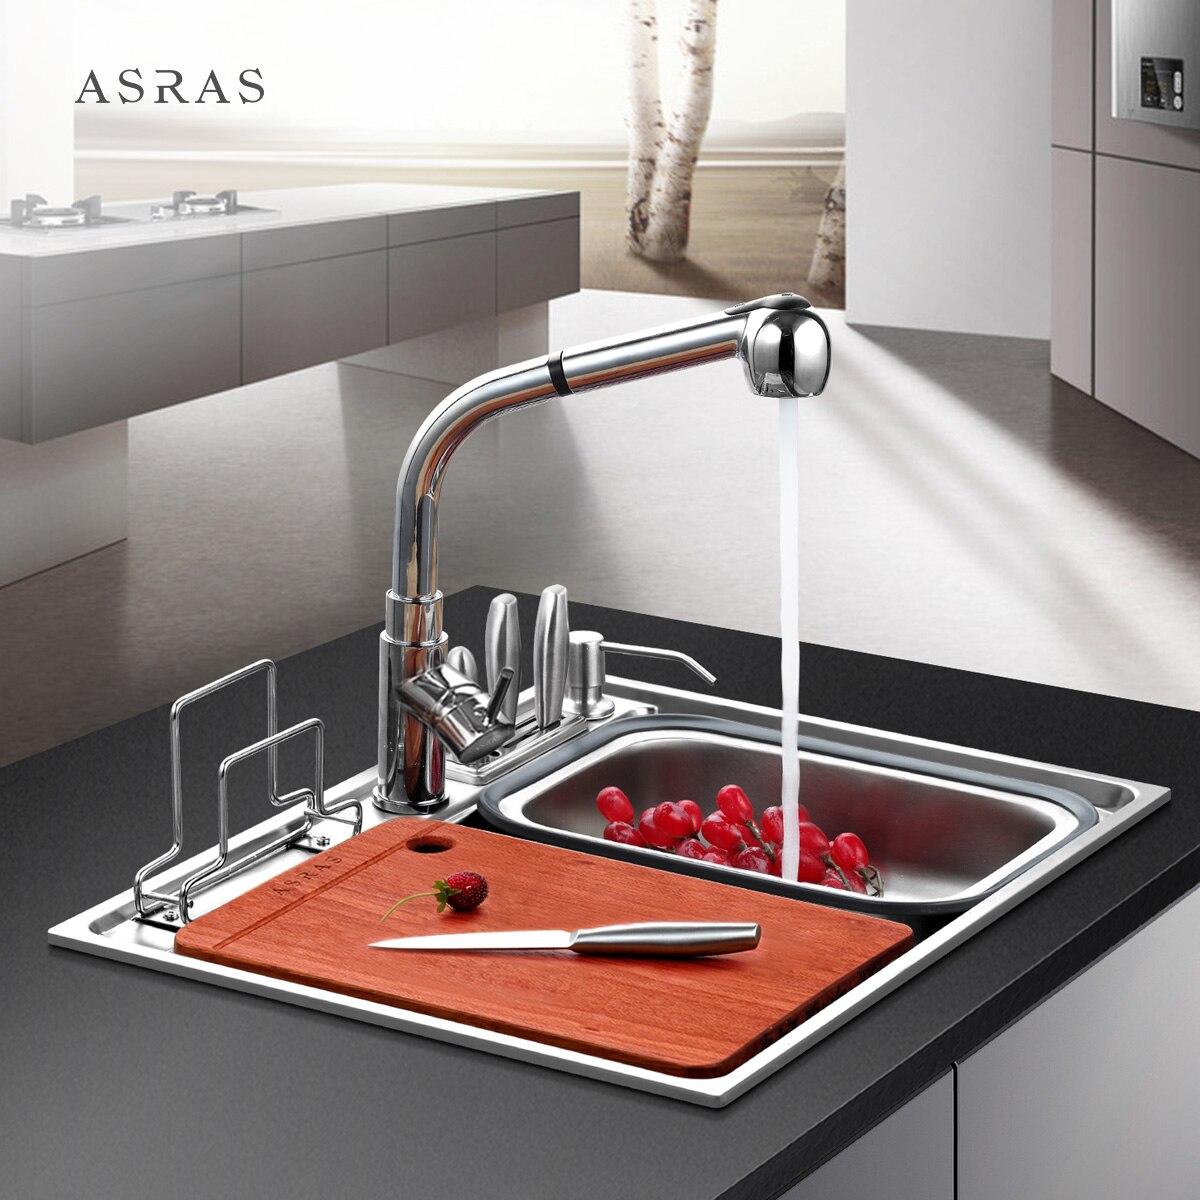 Lavabo de cuisine 304 inox avec porte-couteau petit évier lave vaisselle piscine multifonction simple double auge LU42713